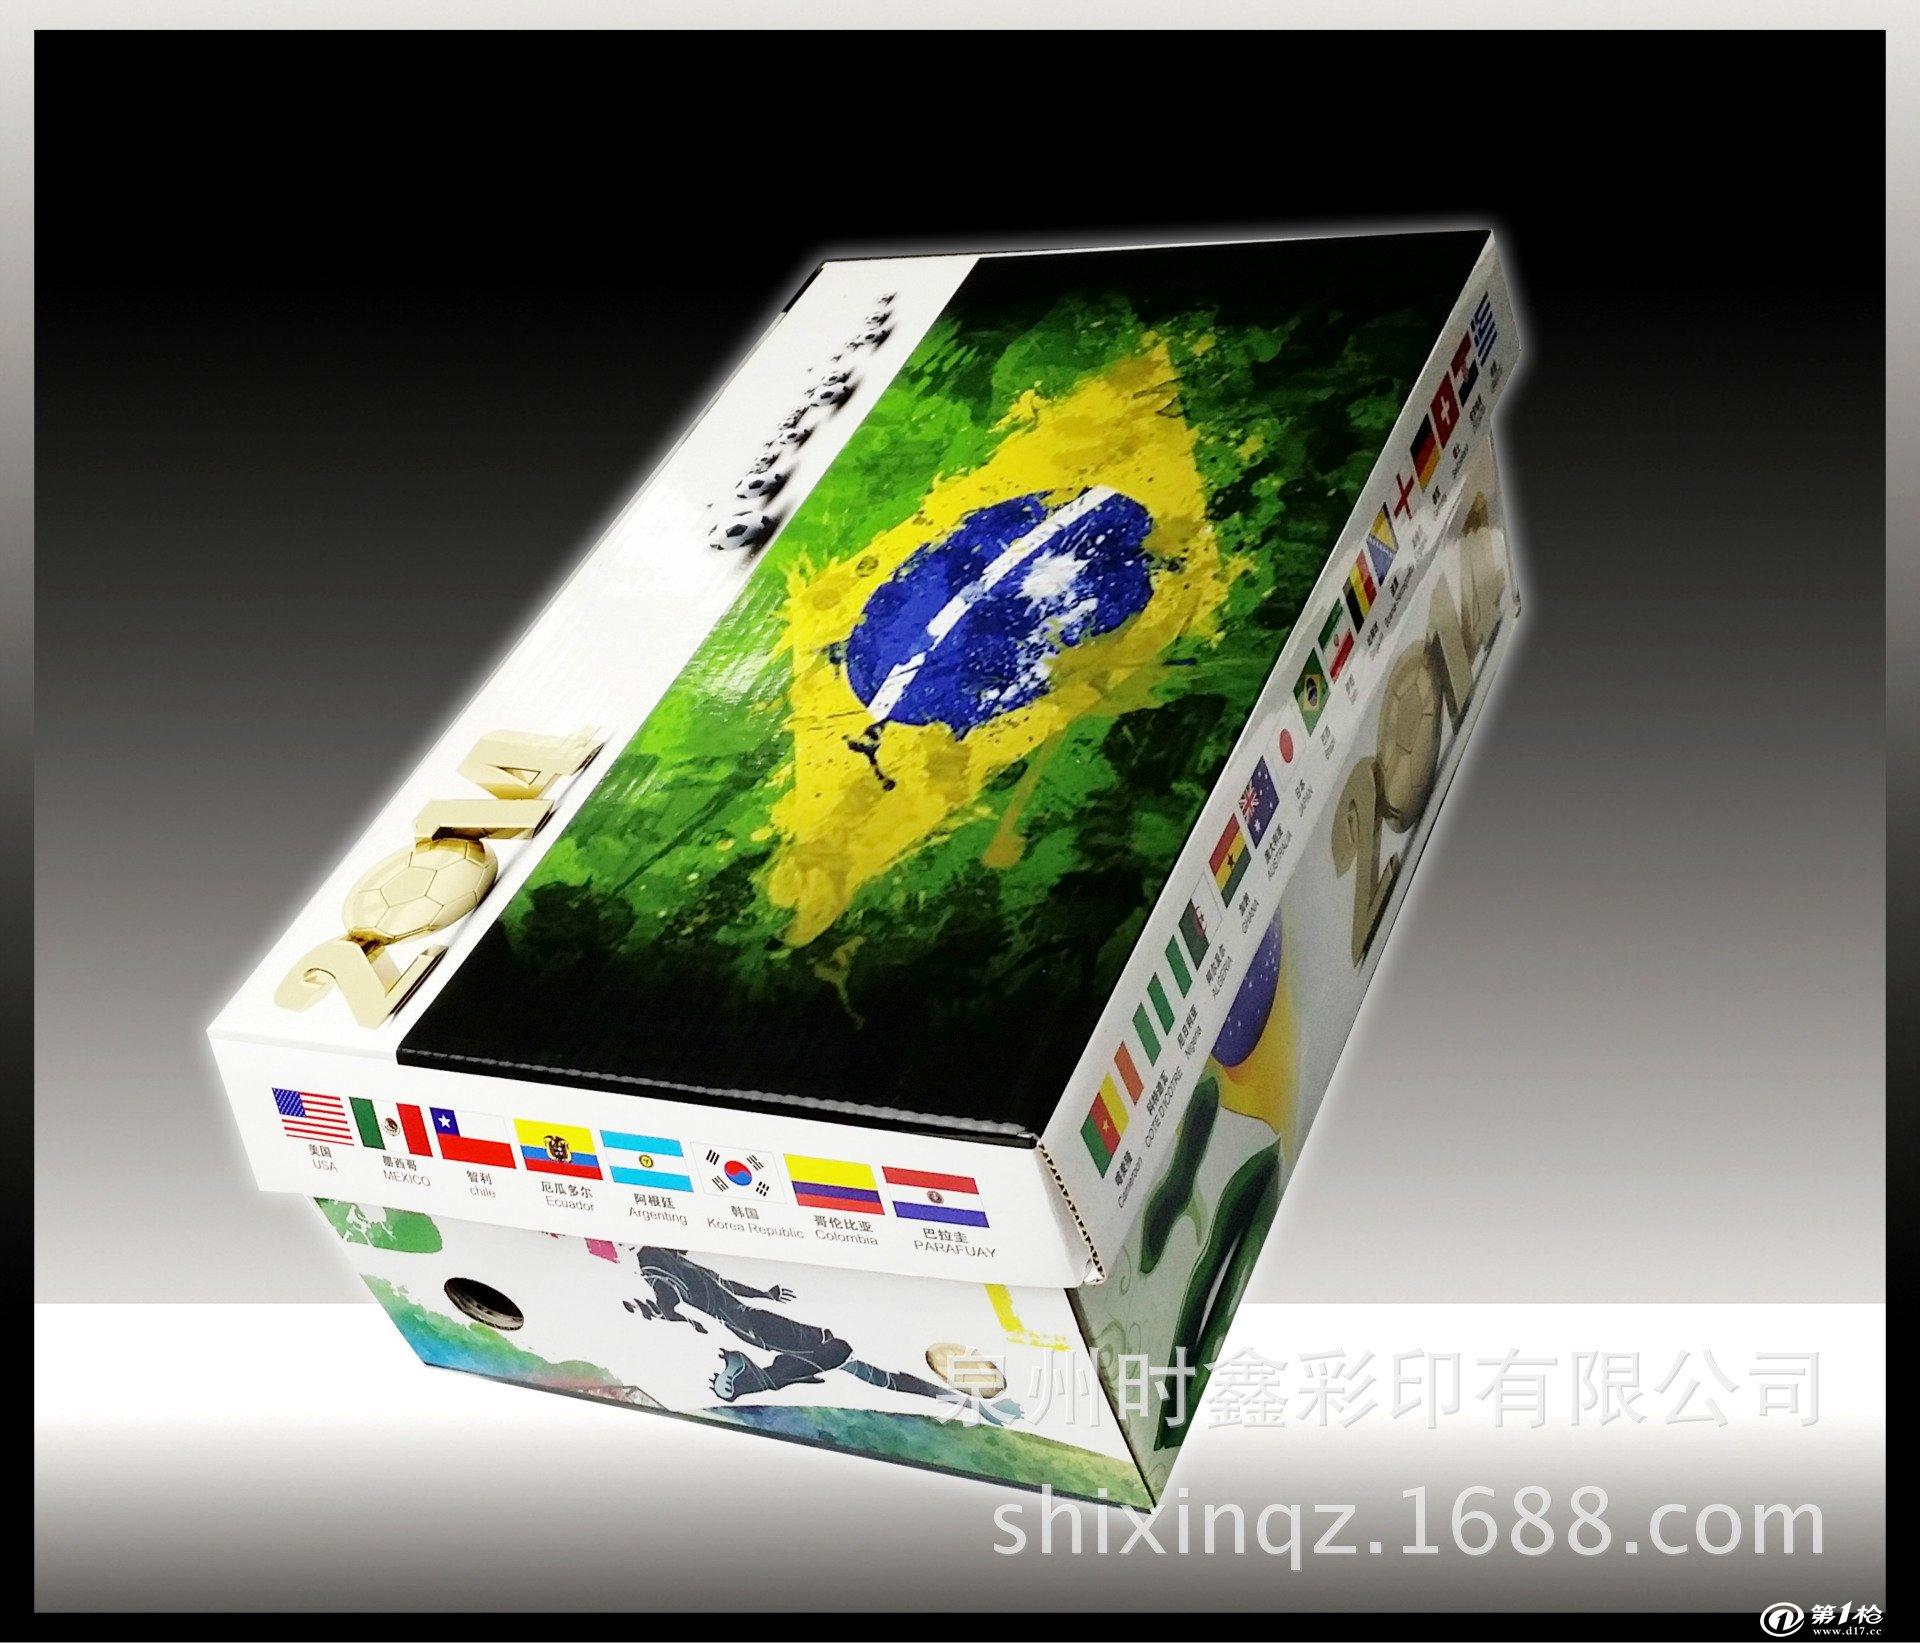 世界杯时尚休闲包装鞋盒/手工鞋盒通用款